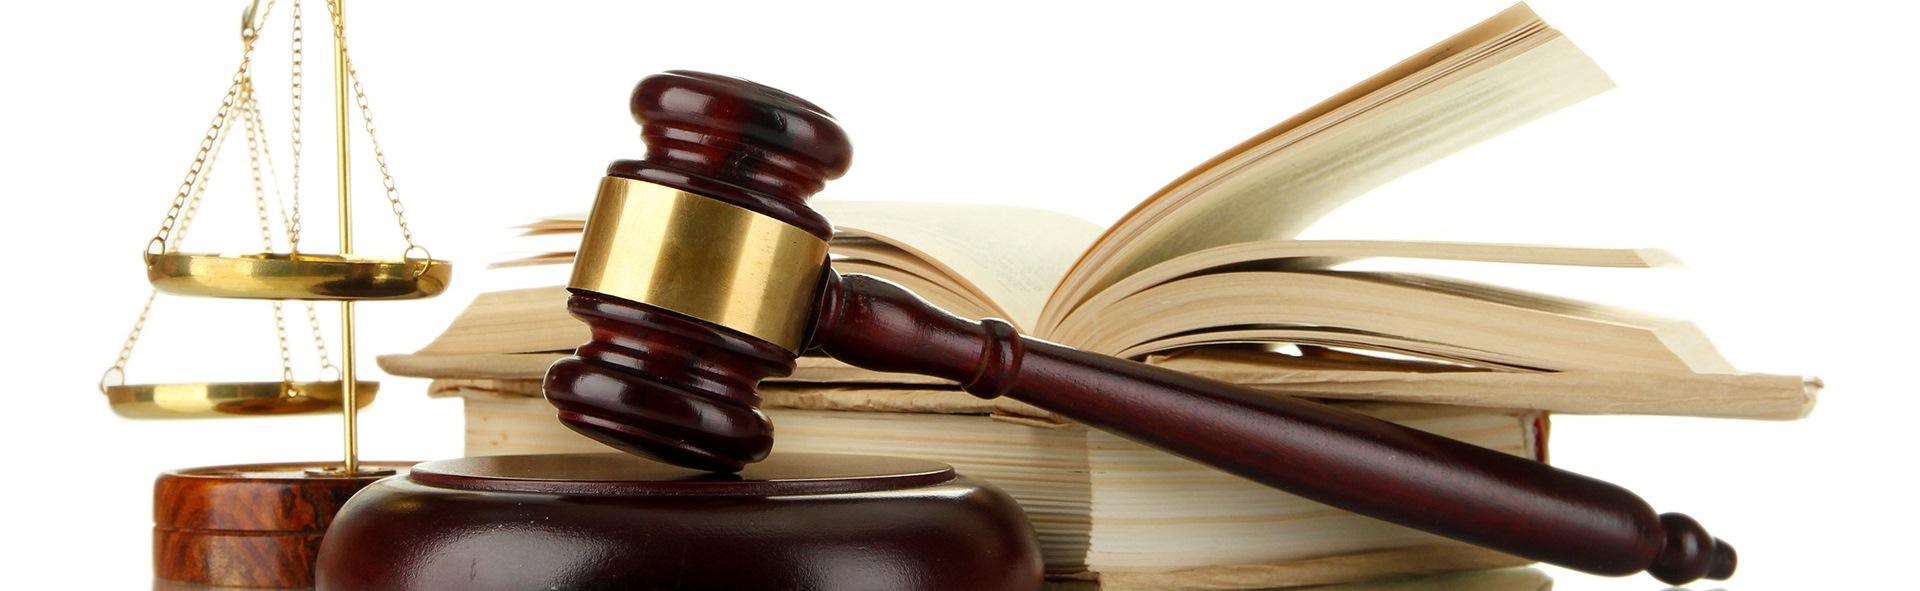 زمان بندی آزمون دانشجویان دکتری حقوق خصوصی